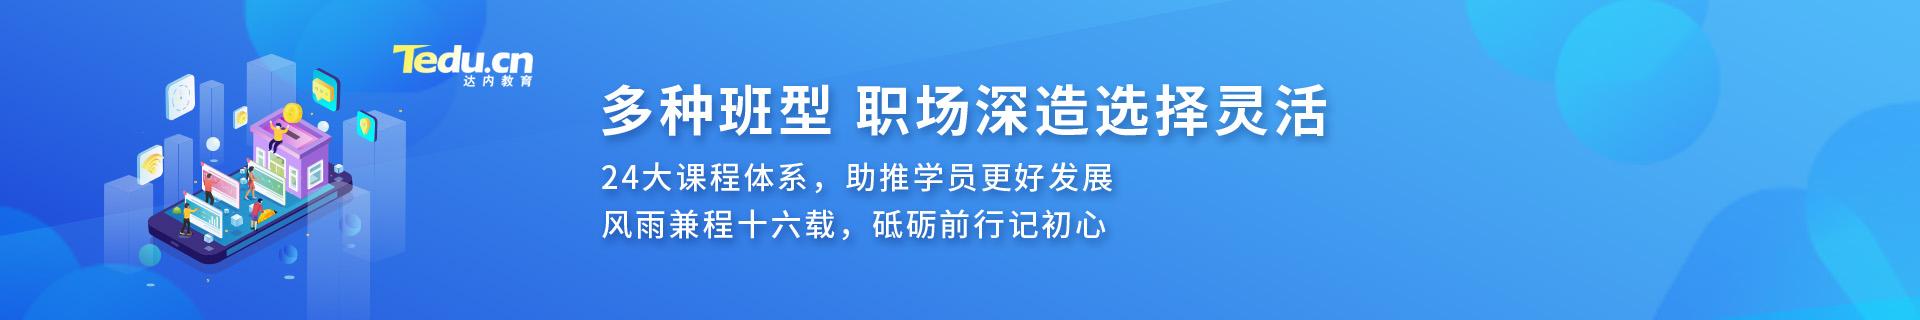 郑州金水区文化路达内IT教育培训